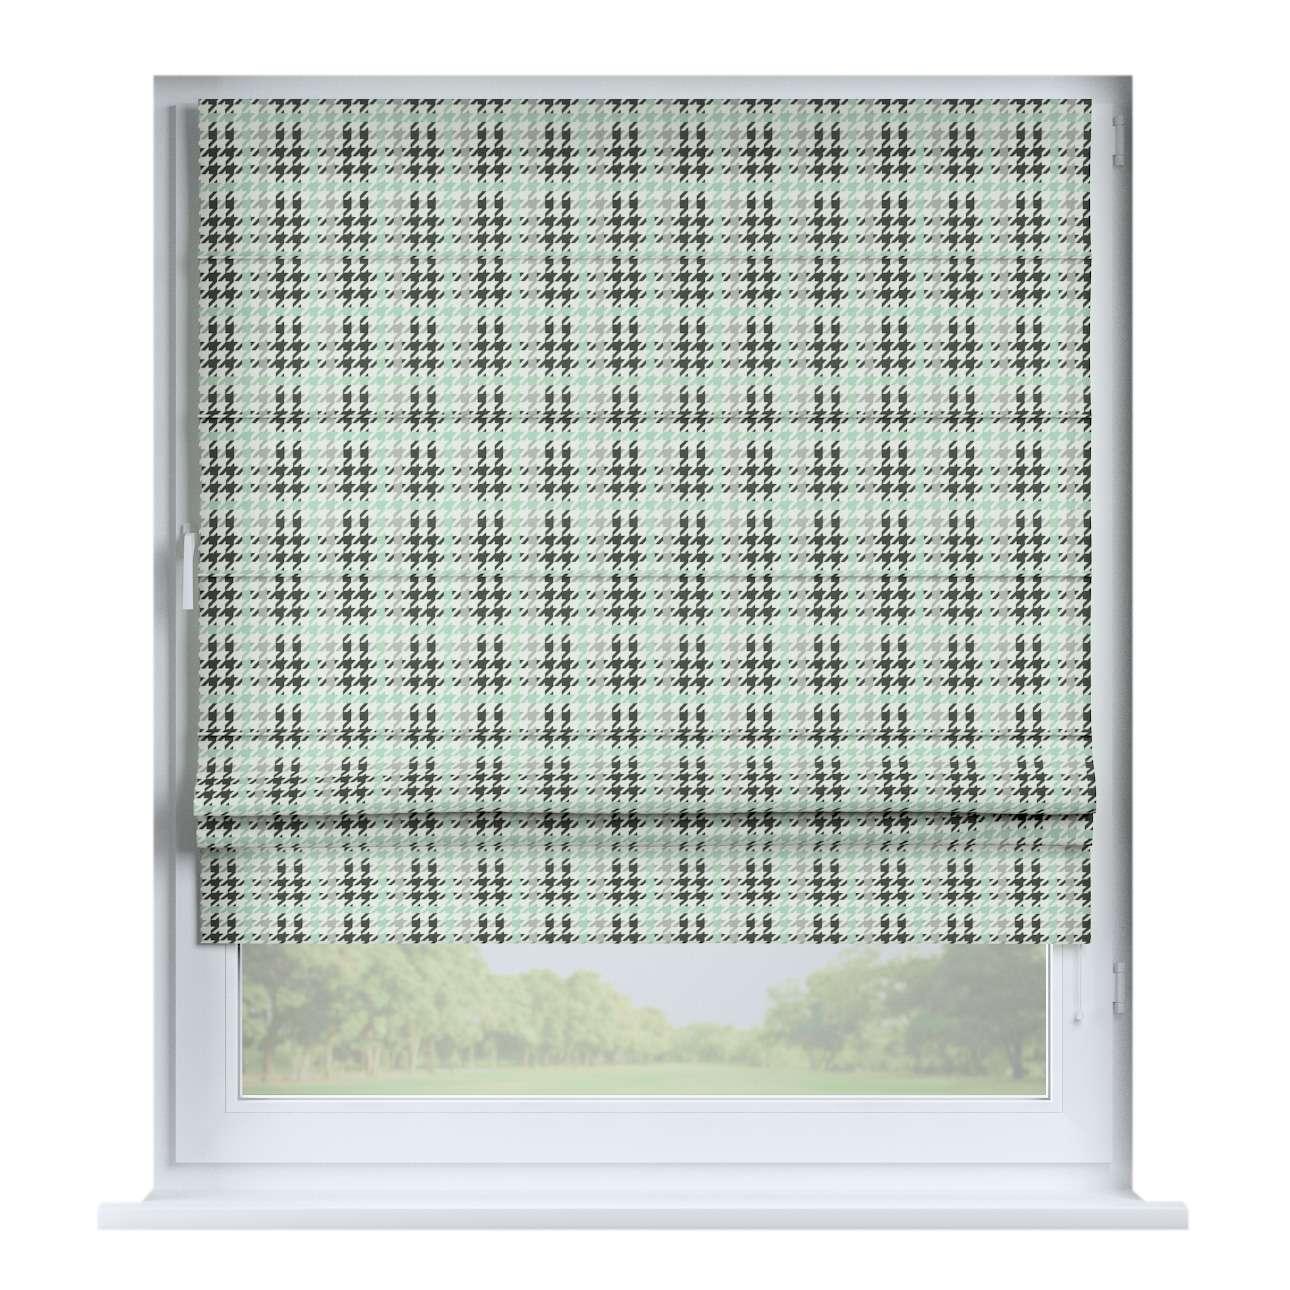 Romanetės Padva 80 x 170 cm (plotis x ilgis) kolekcijoje Brooklyn, audinys: 137-77